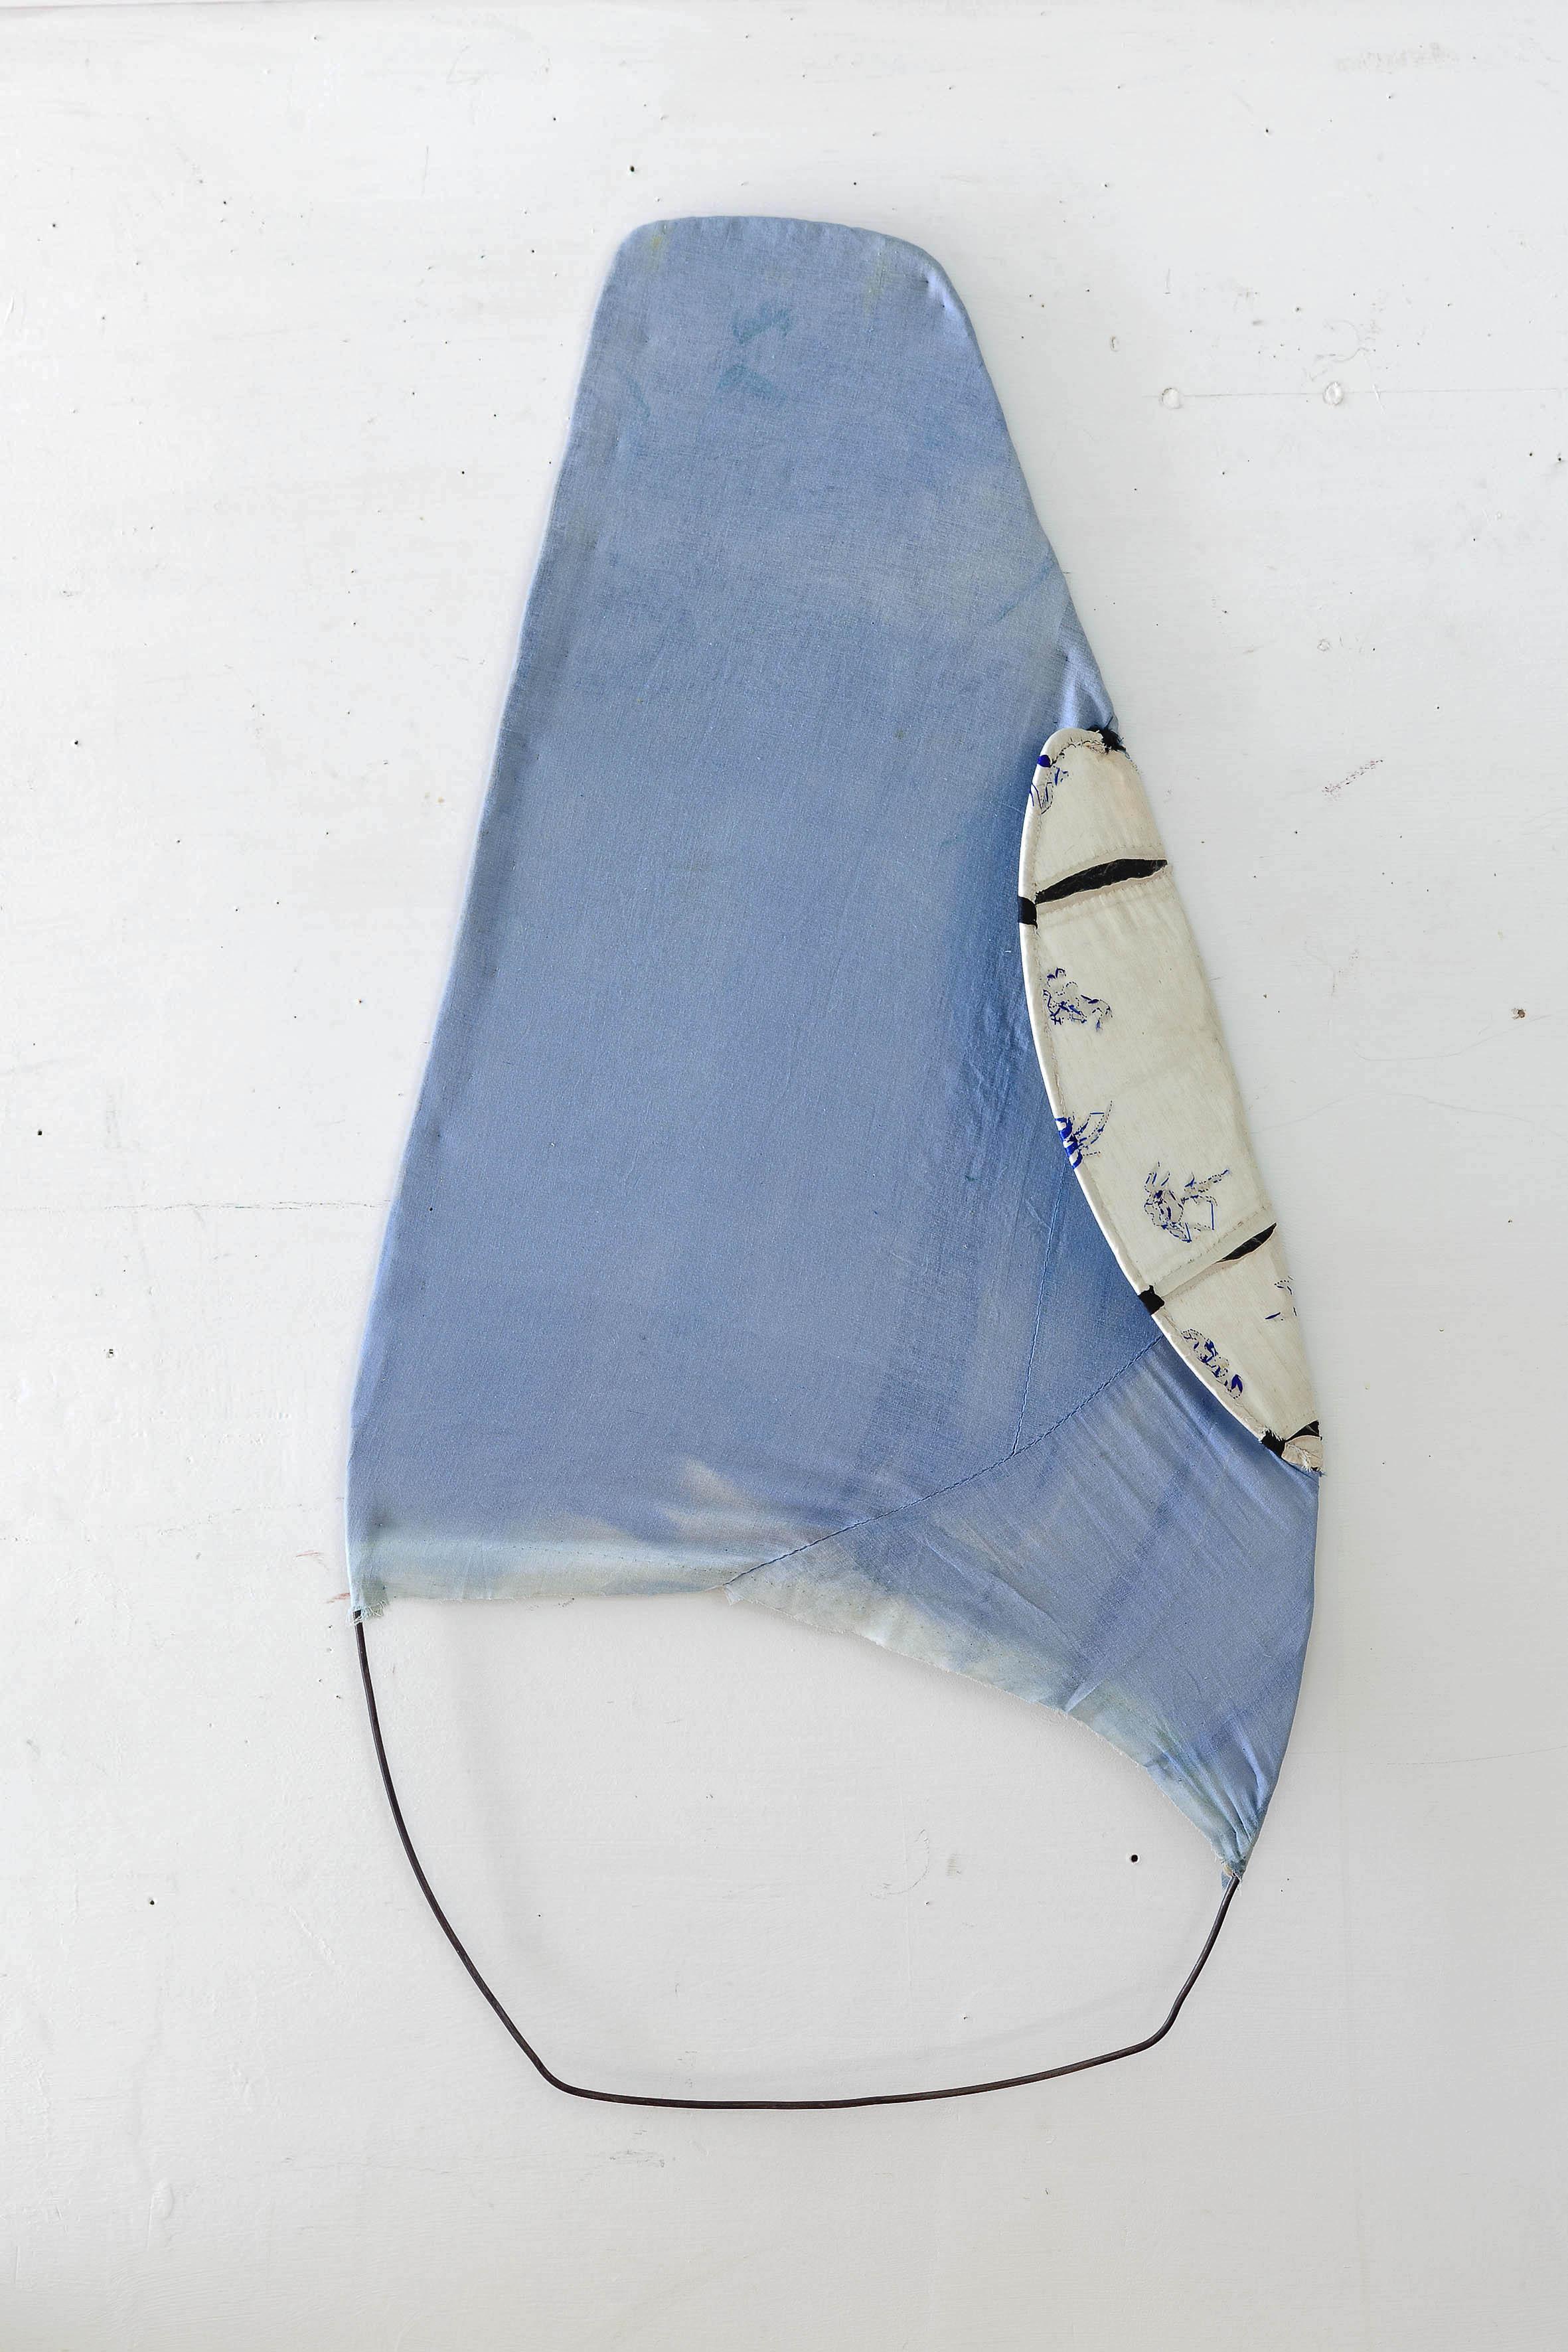 Senza titolo  - Ferro e tessuto - cm 93x45x7  Foto Nicola Belluzzi